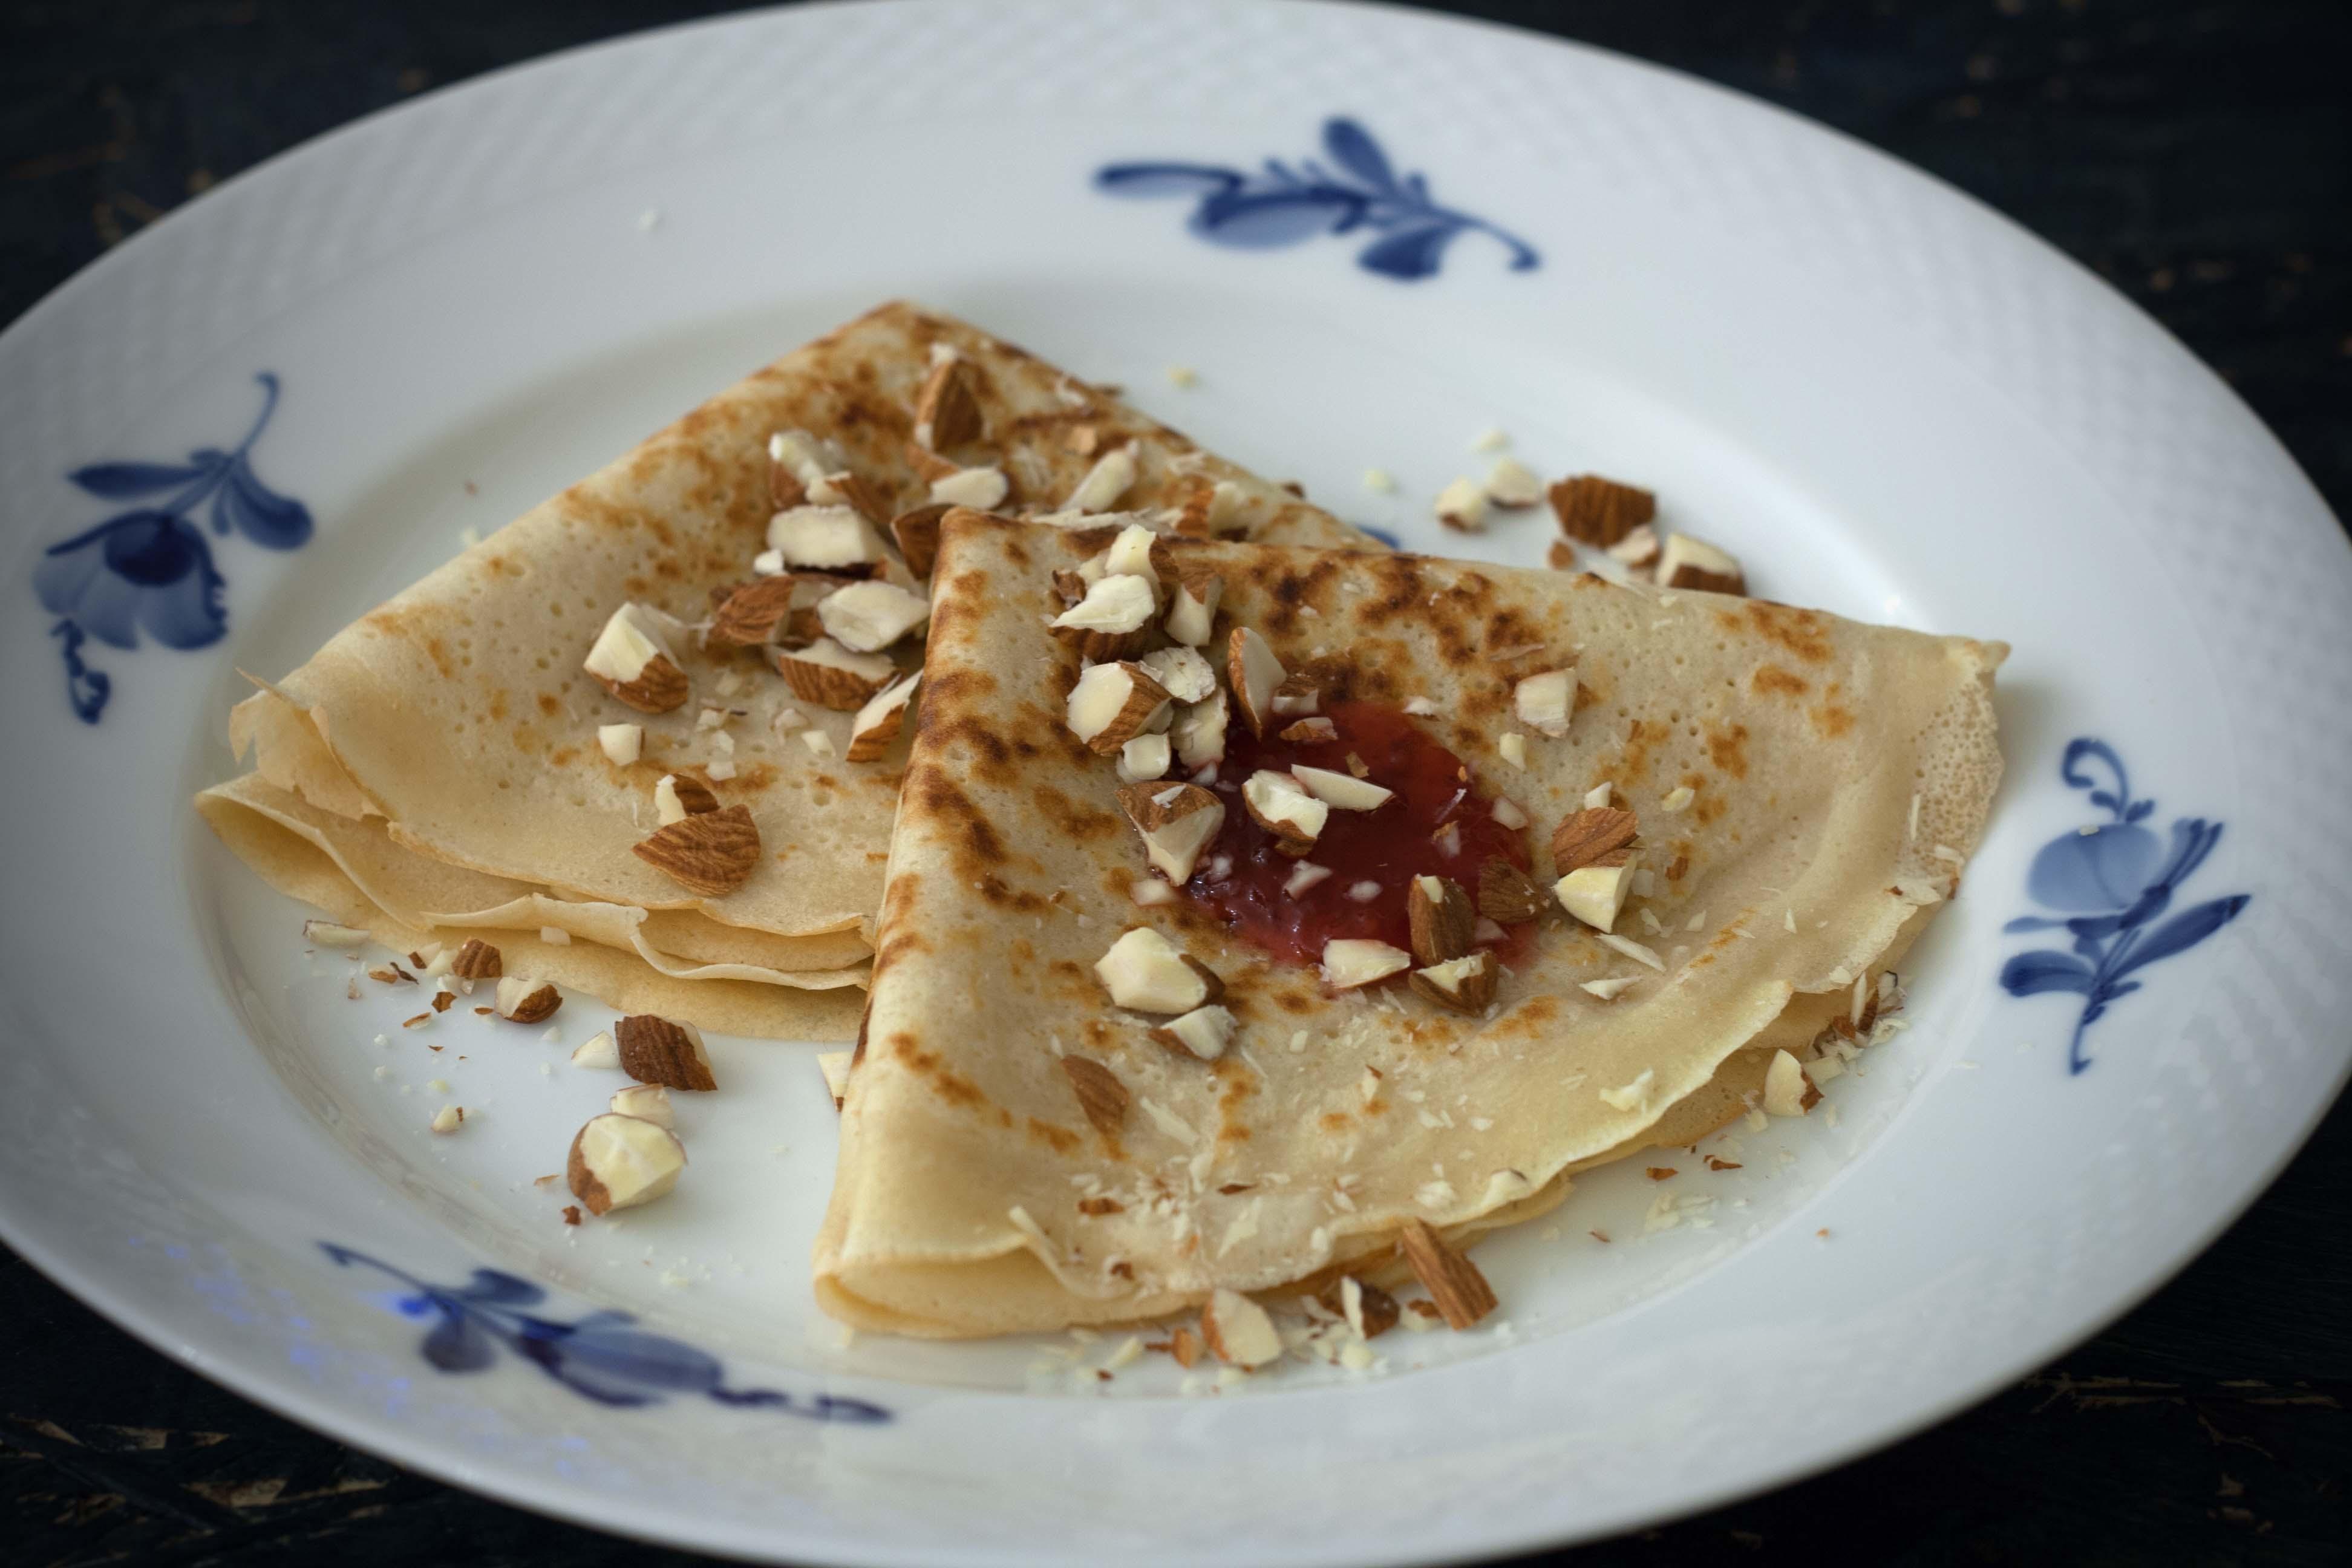 Opskrift på hjemmelavede pandekager, nem opskrift